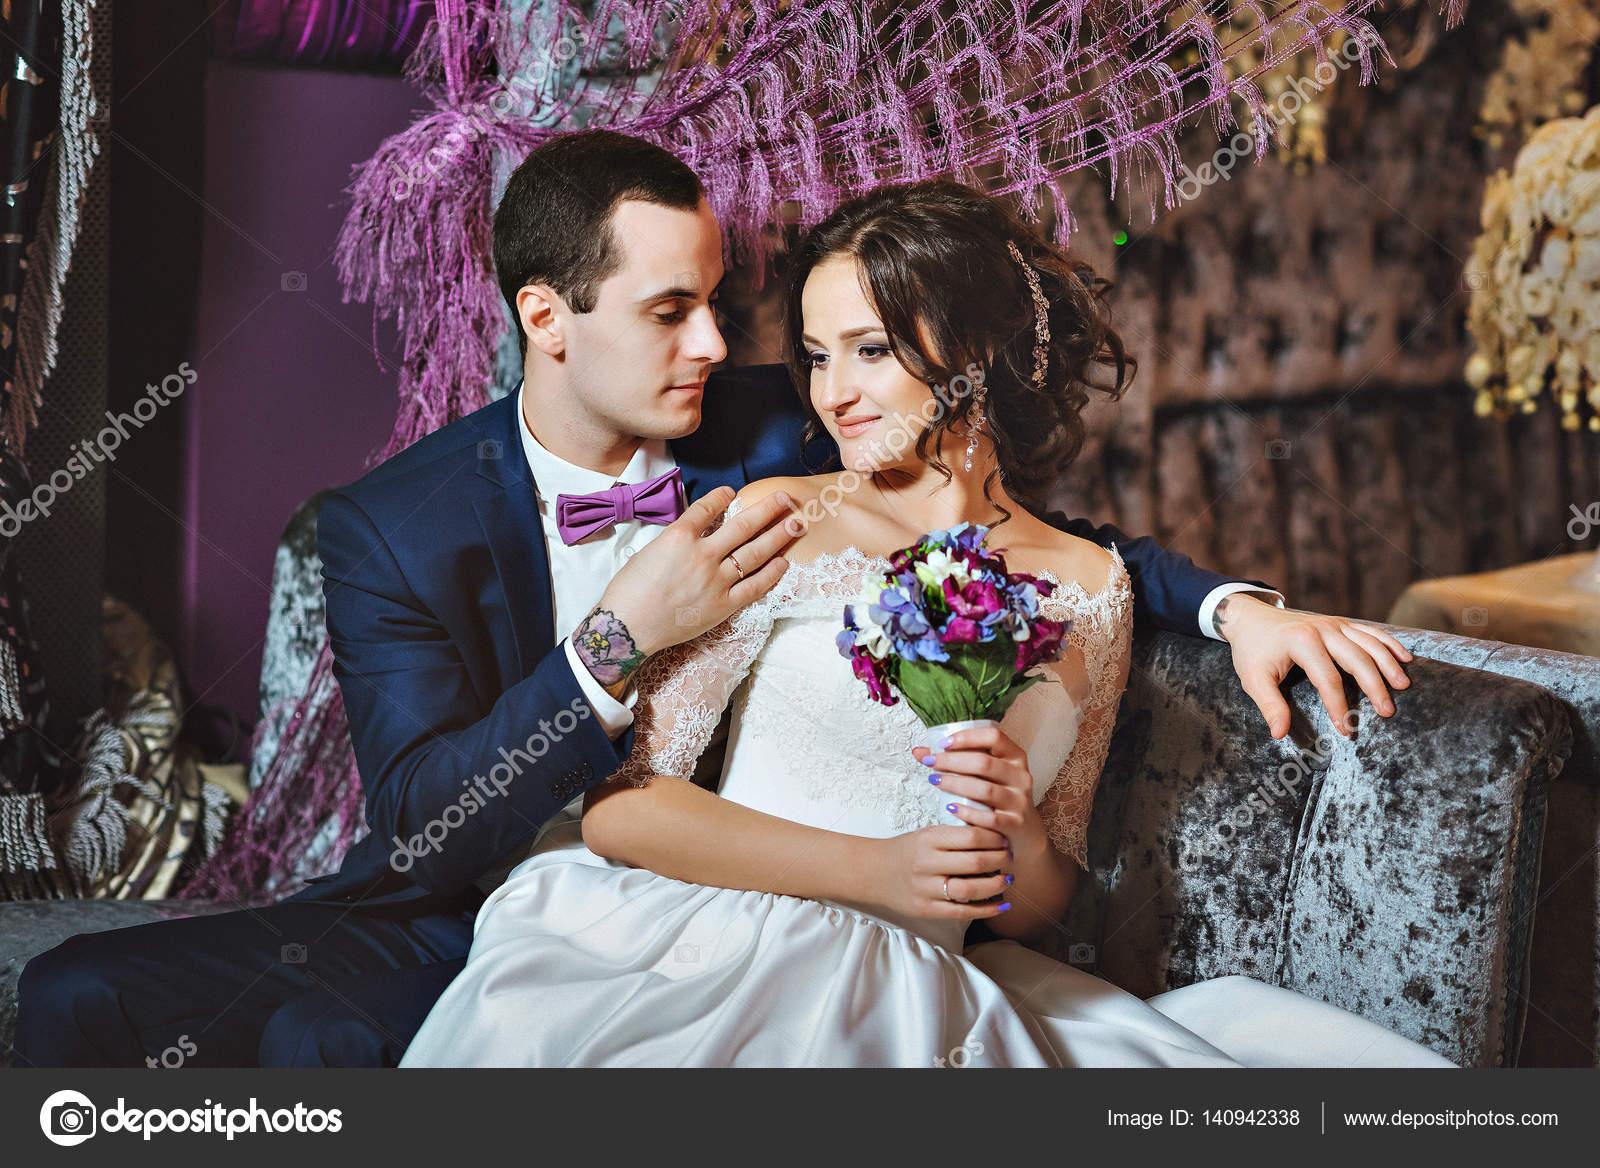 25bee70e4ee3 Bruden och brudgummen i lyxig inredning i lavendel färg. Bröllop känslor.  Vackra brudparet eleganta vid ceremonin– stockbild